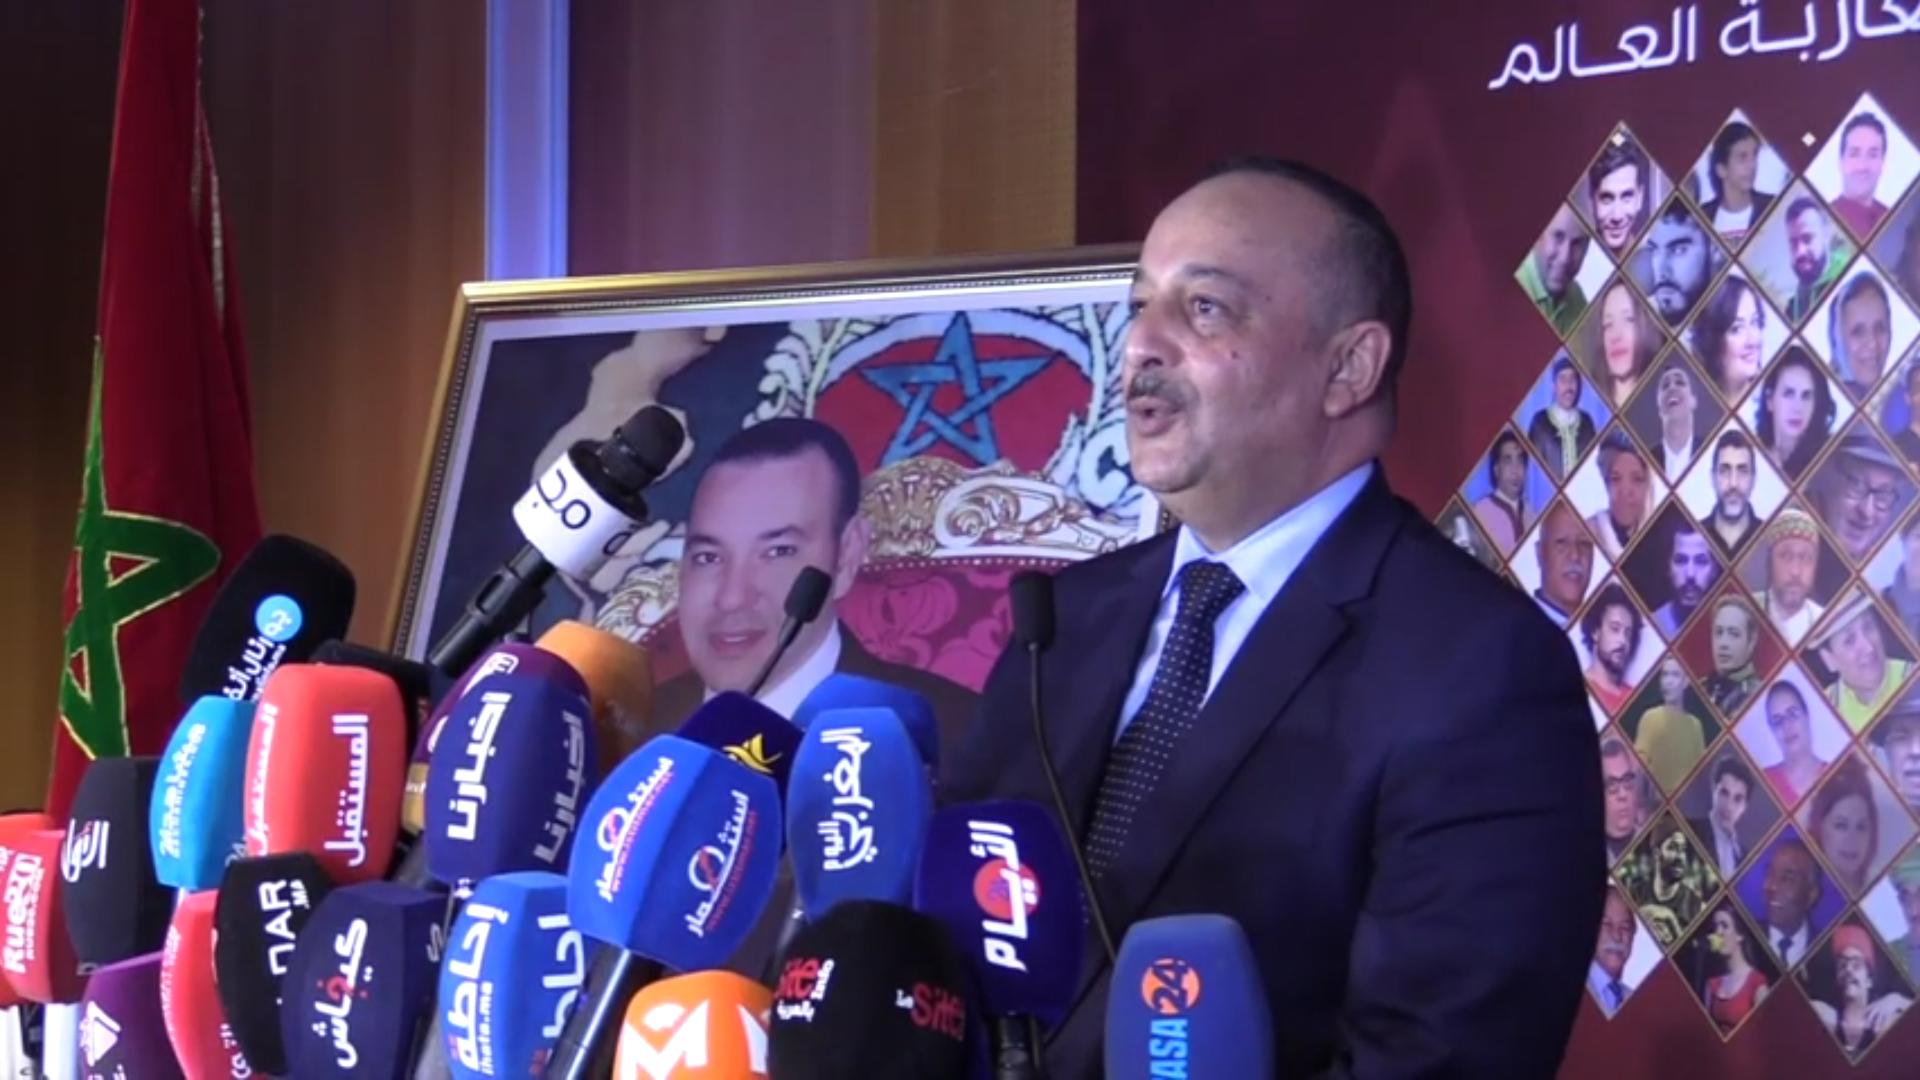 بالفيديو… الوزير الأعرج ينوه بمبادرة الوزير بنعتيق في تقريب المسرح المغربي من مغاربة العالم